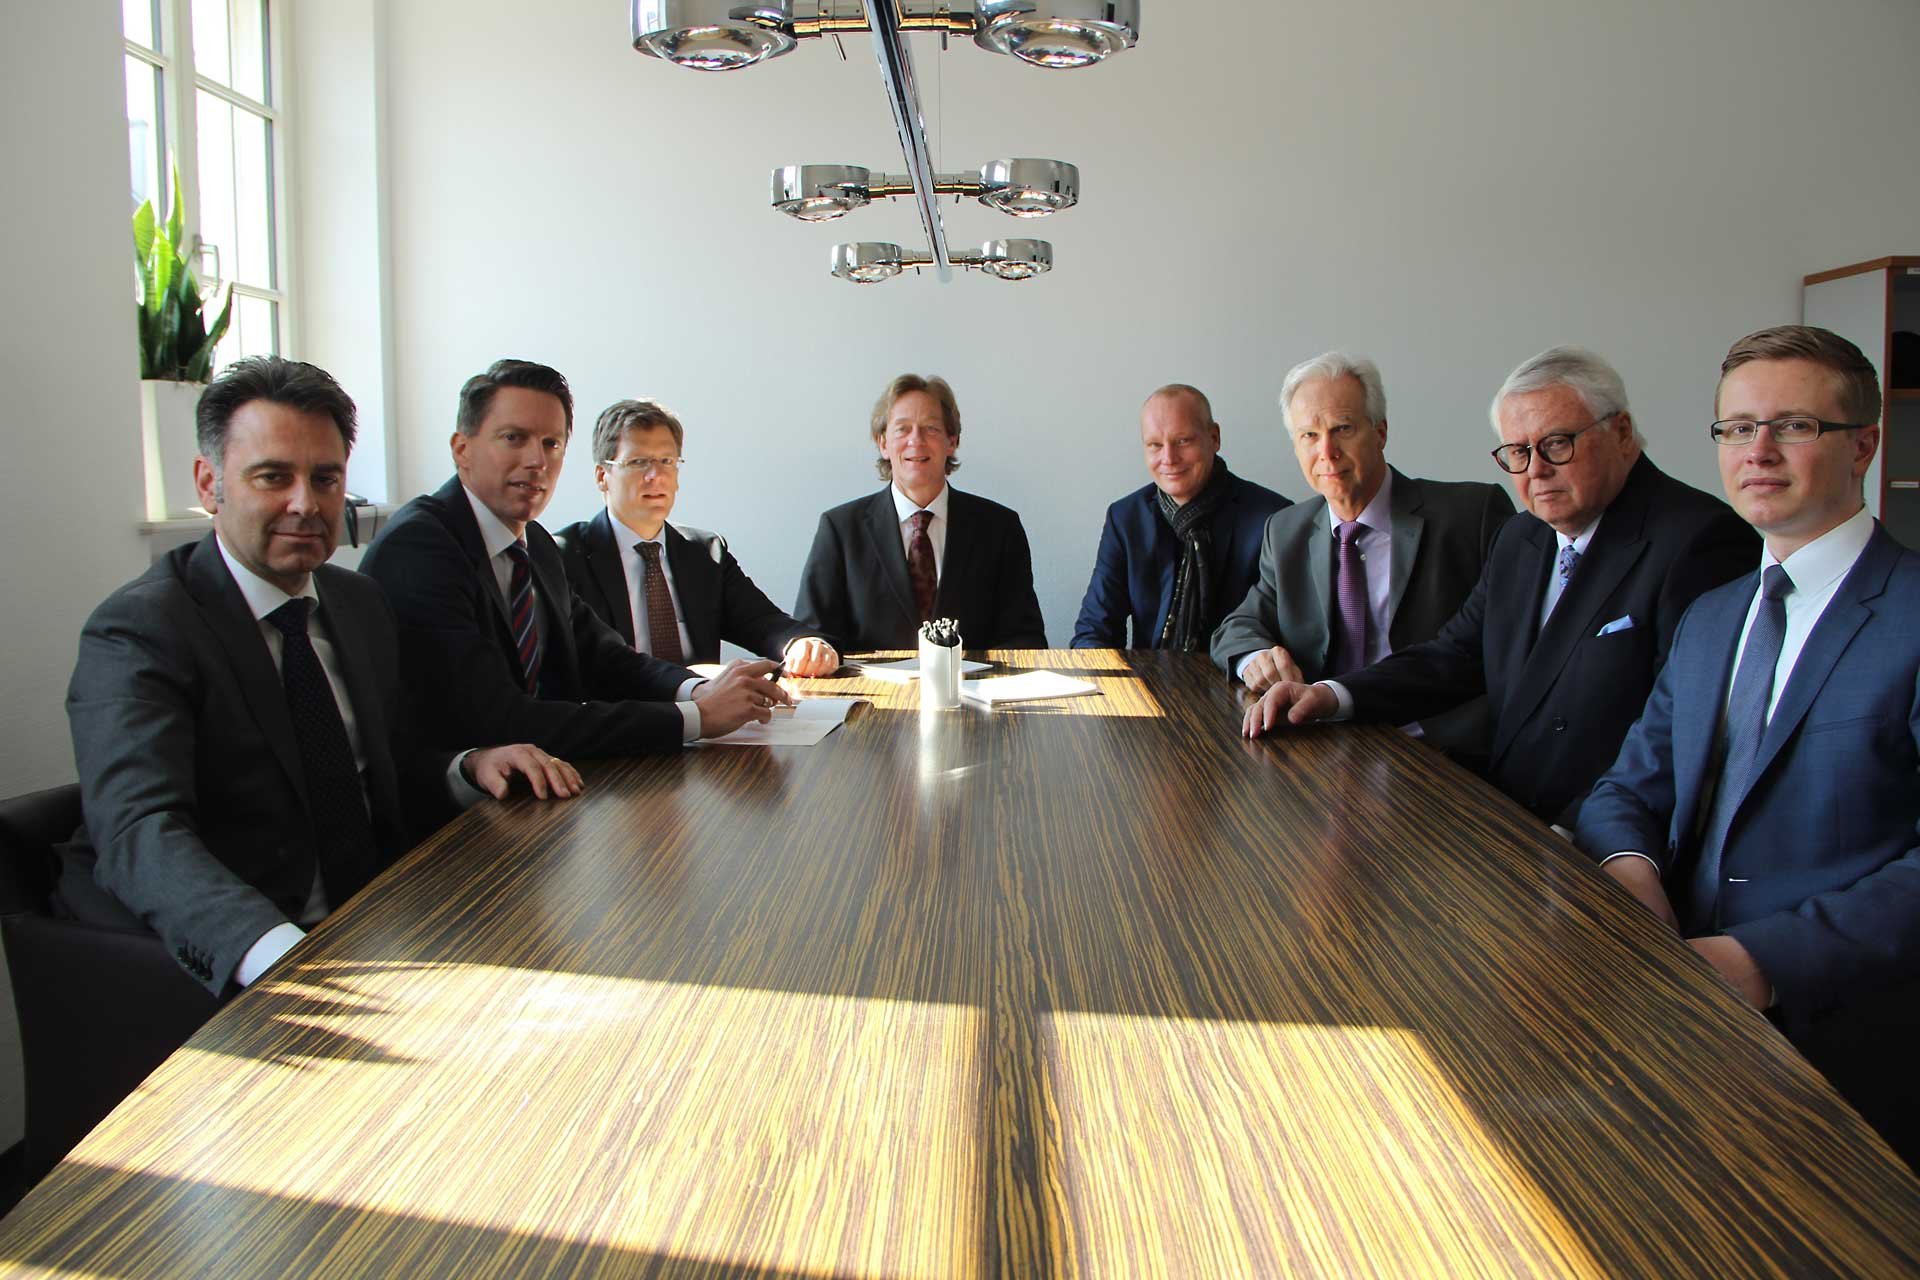 Das Bild zeigt die Anwälte der Kanzlei RSW Rechtsanwälte